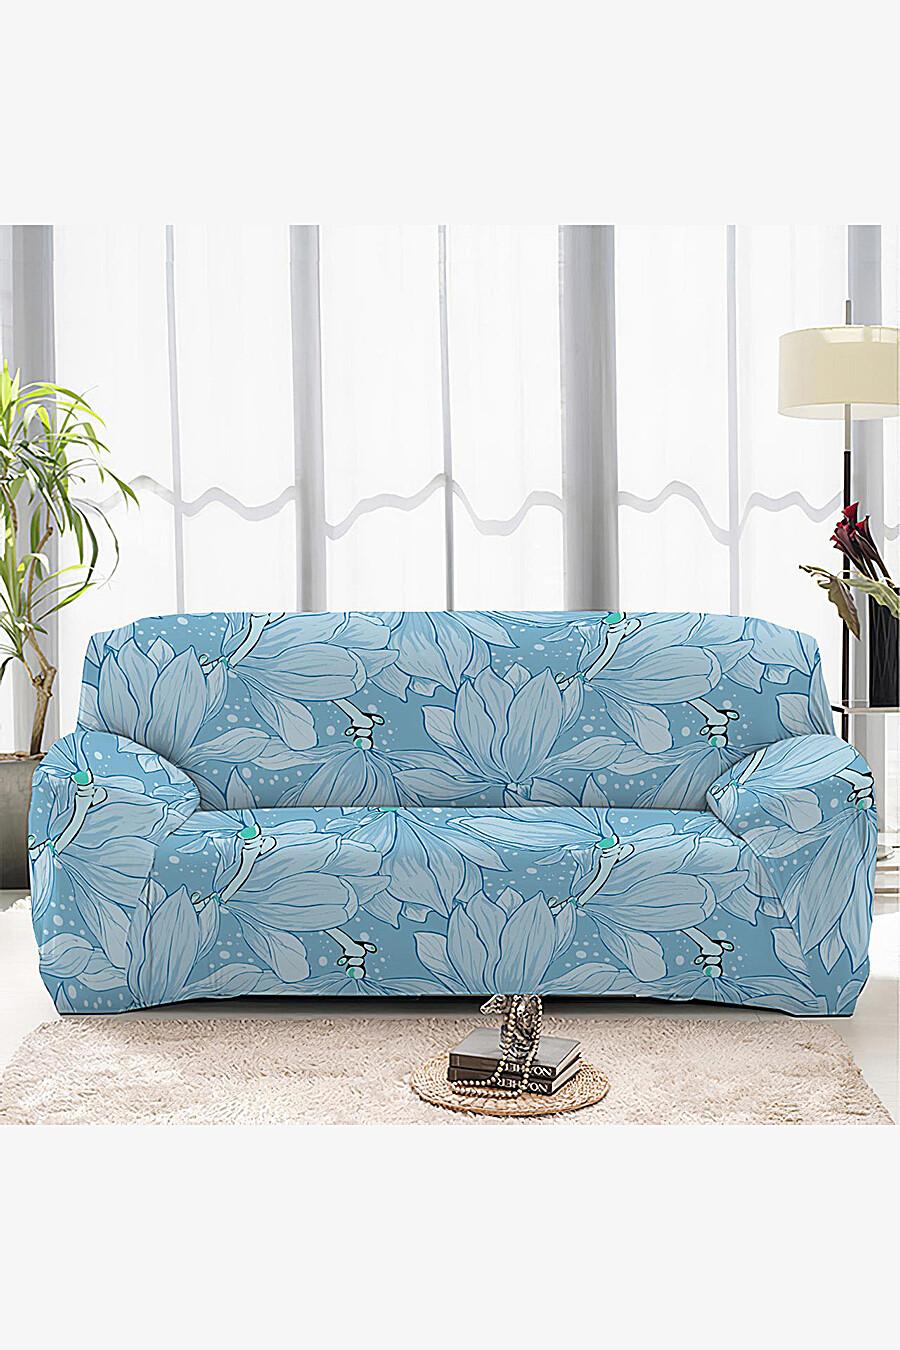 Чехол на диван для дома ART HOME TEXTILE 162799 купить оптом от производителя. Совместная покупка товаров для дома в OptMoyo